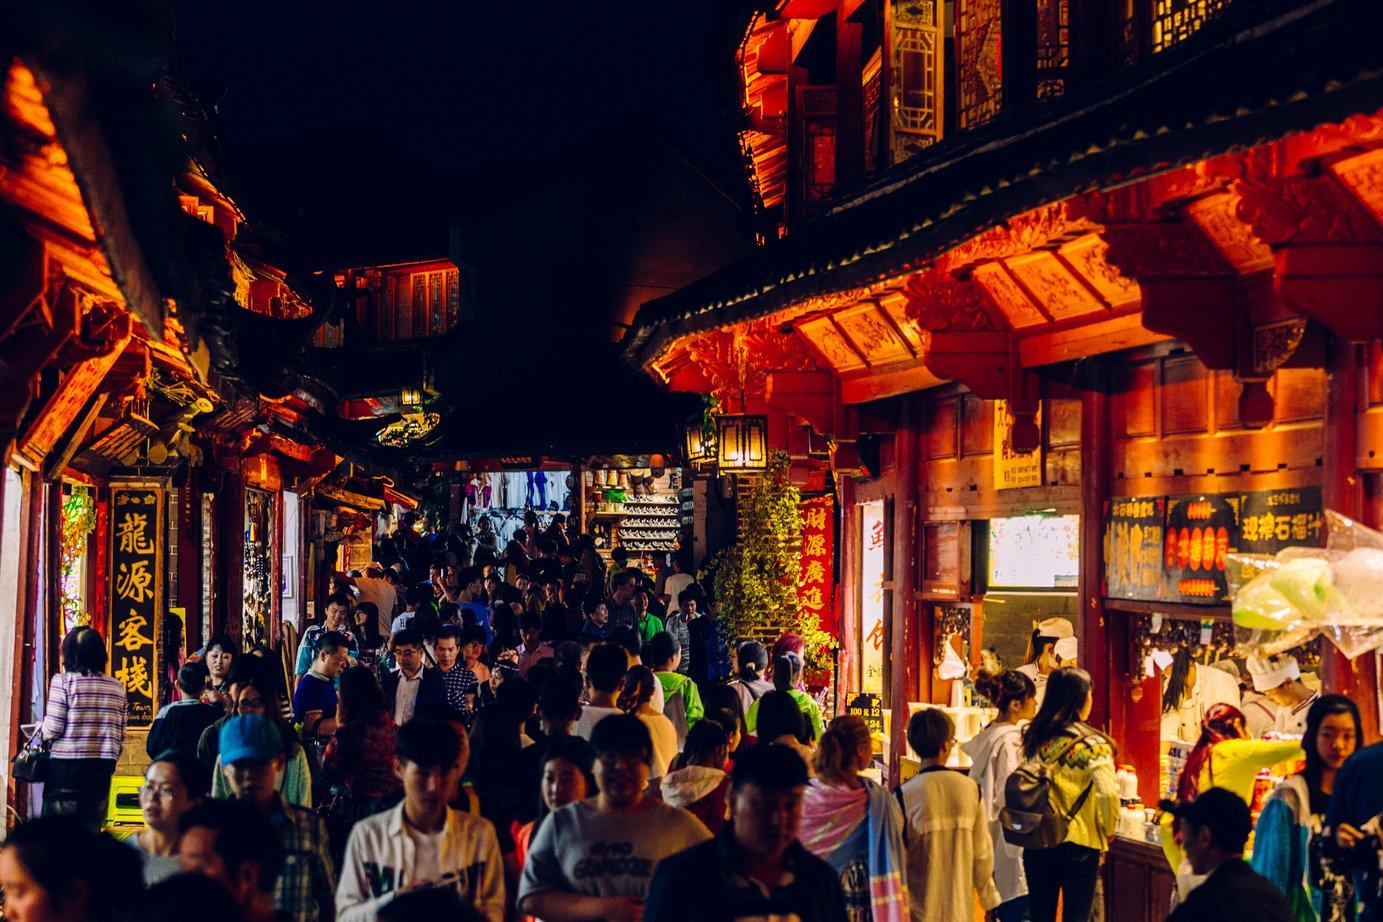 Turystyka masowa wchińskim wydaniu